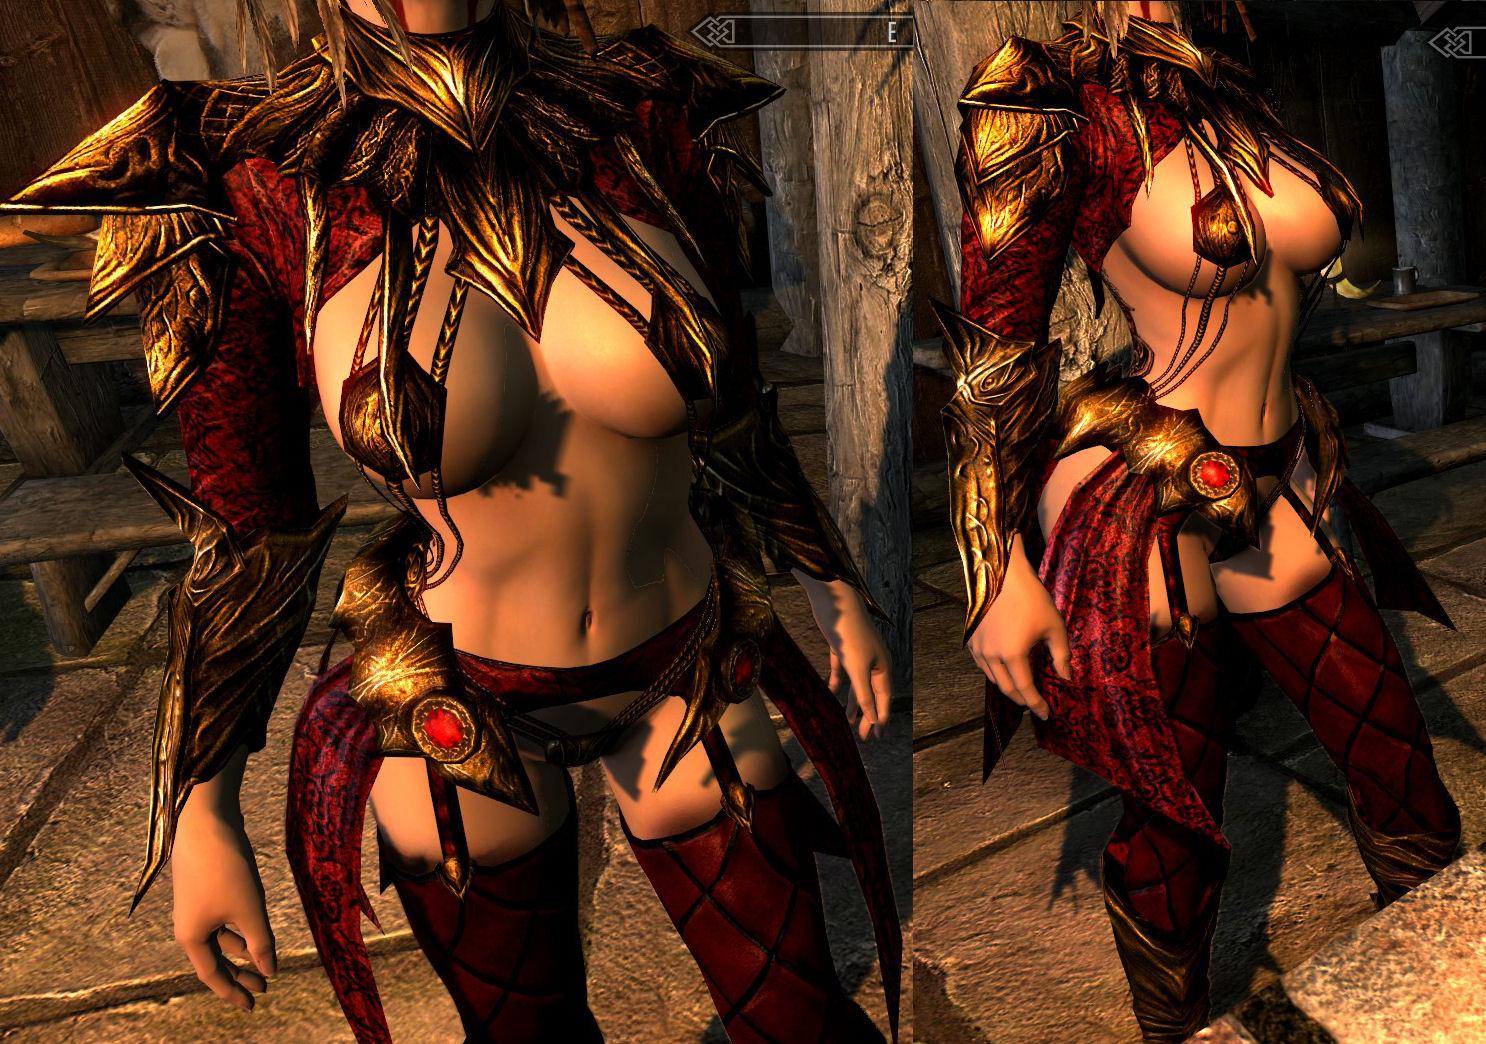 Сексуальная в броне фото 21 фотография